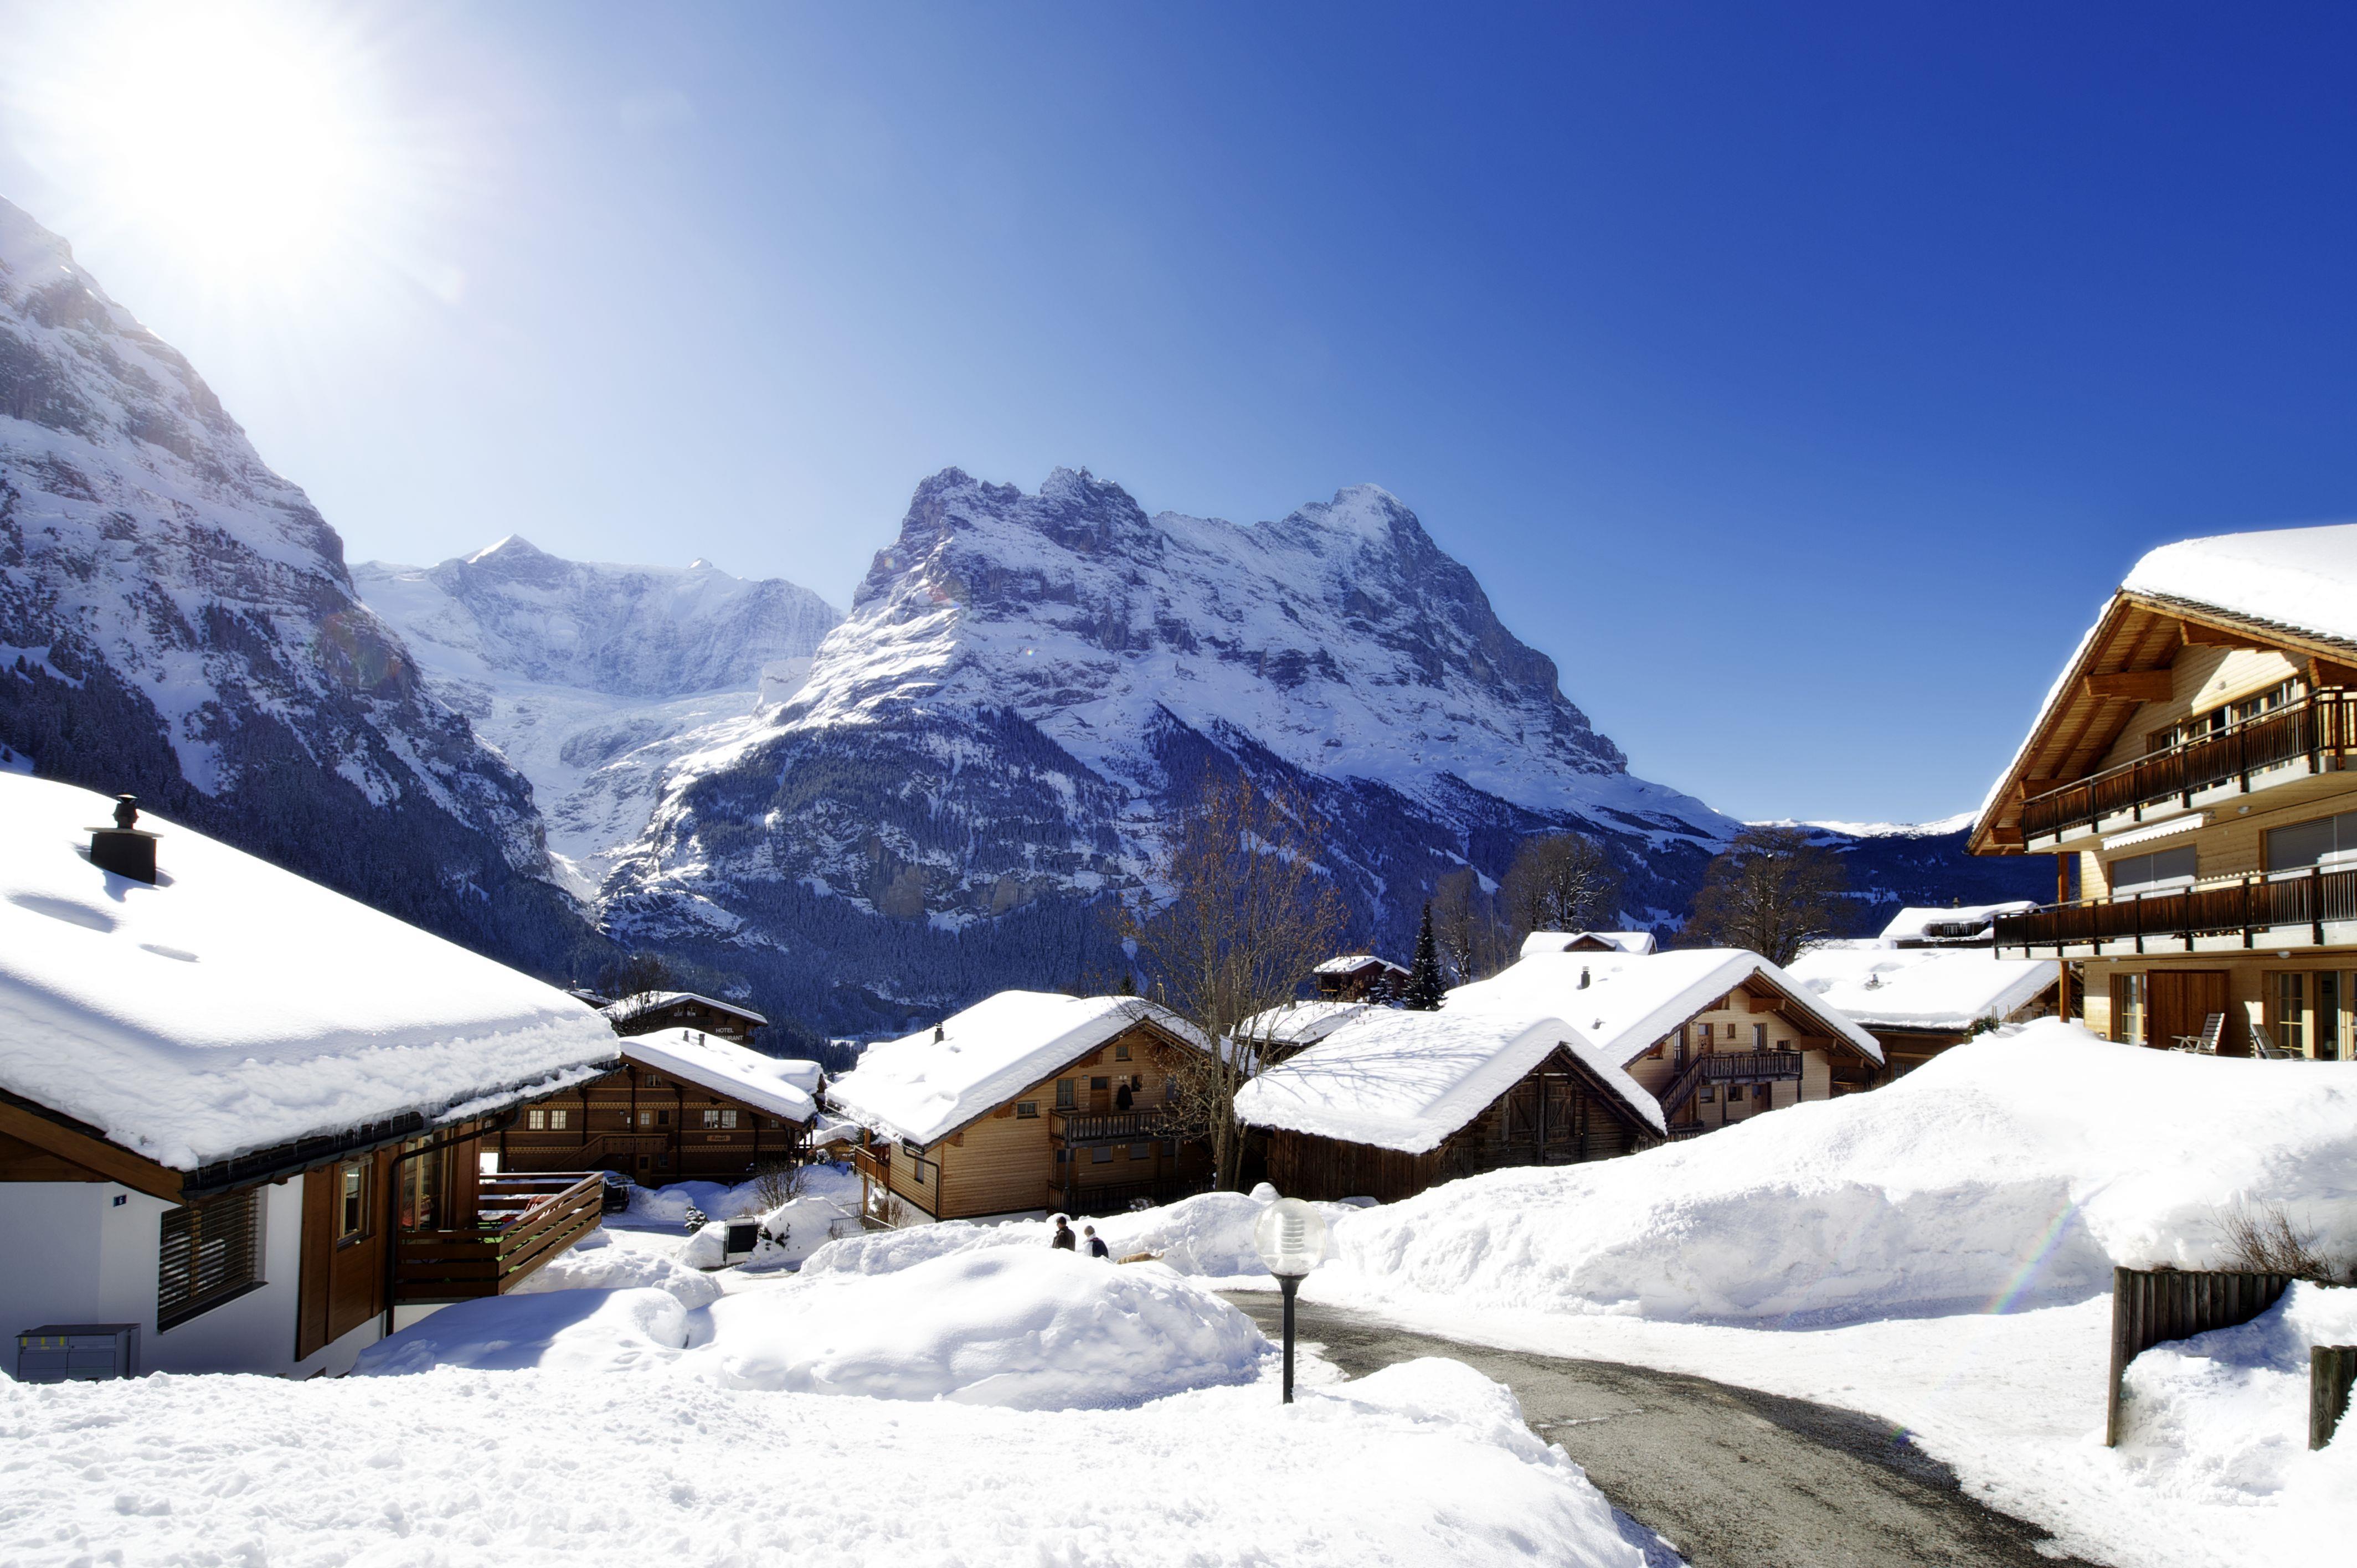 Appartement de vacances Steinbilla 2 Bett Ferienwohnung (2692218), Grindelwald, Région de la Jungfrau, Oberland bernois, Suisse, image 3